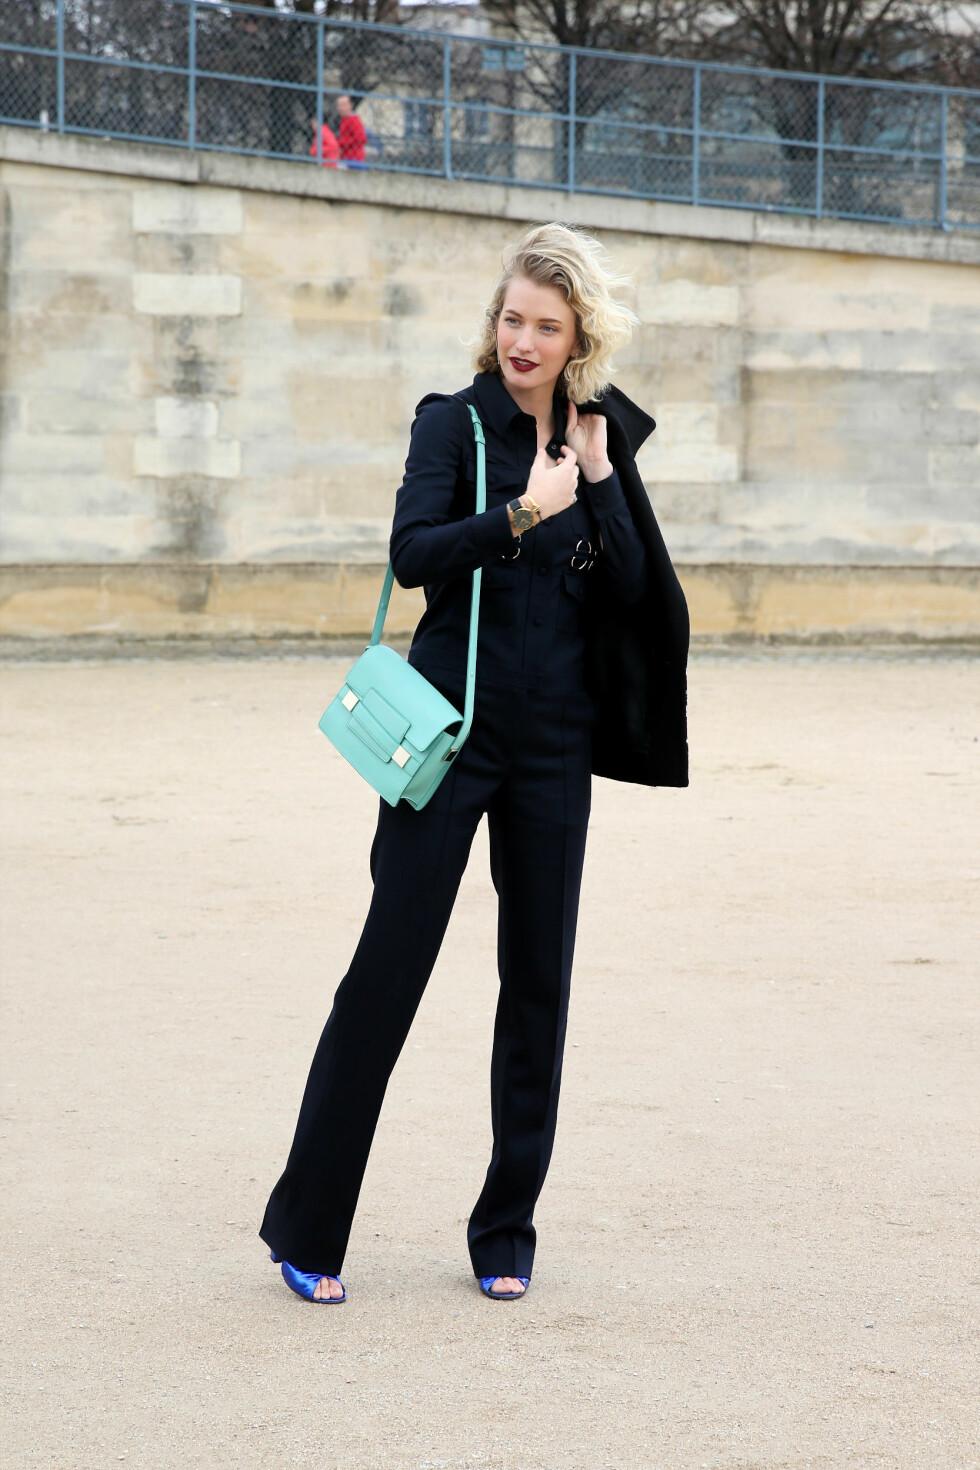 STJEL DEN ELEGANTE STILEN: Den australske motebloggeren Zanita Morgan toppet sin stilrene og elegante stil med iøynefallende tilbehør og mørke lepper under moteuken i Paris.  Foto: All Over